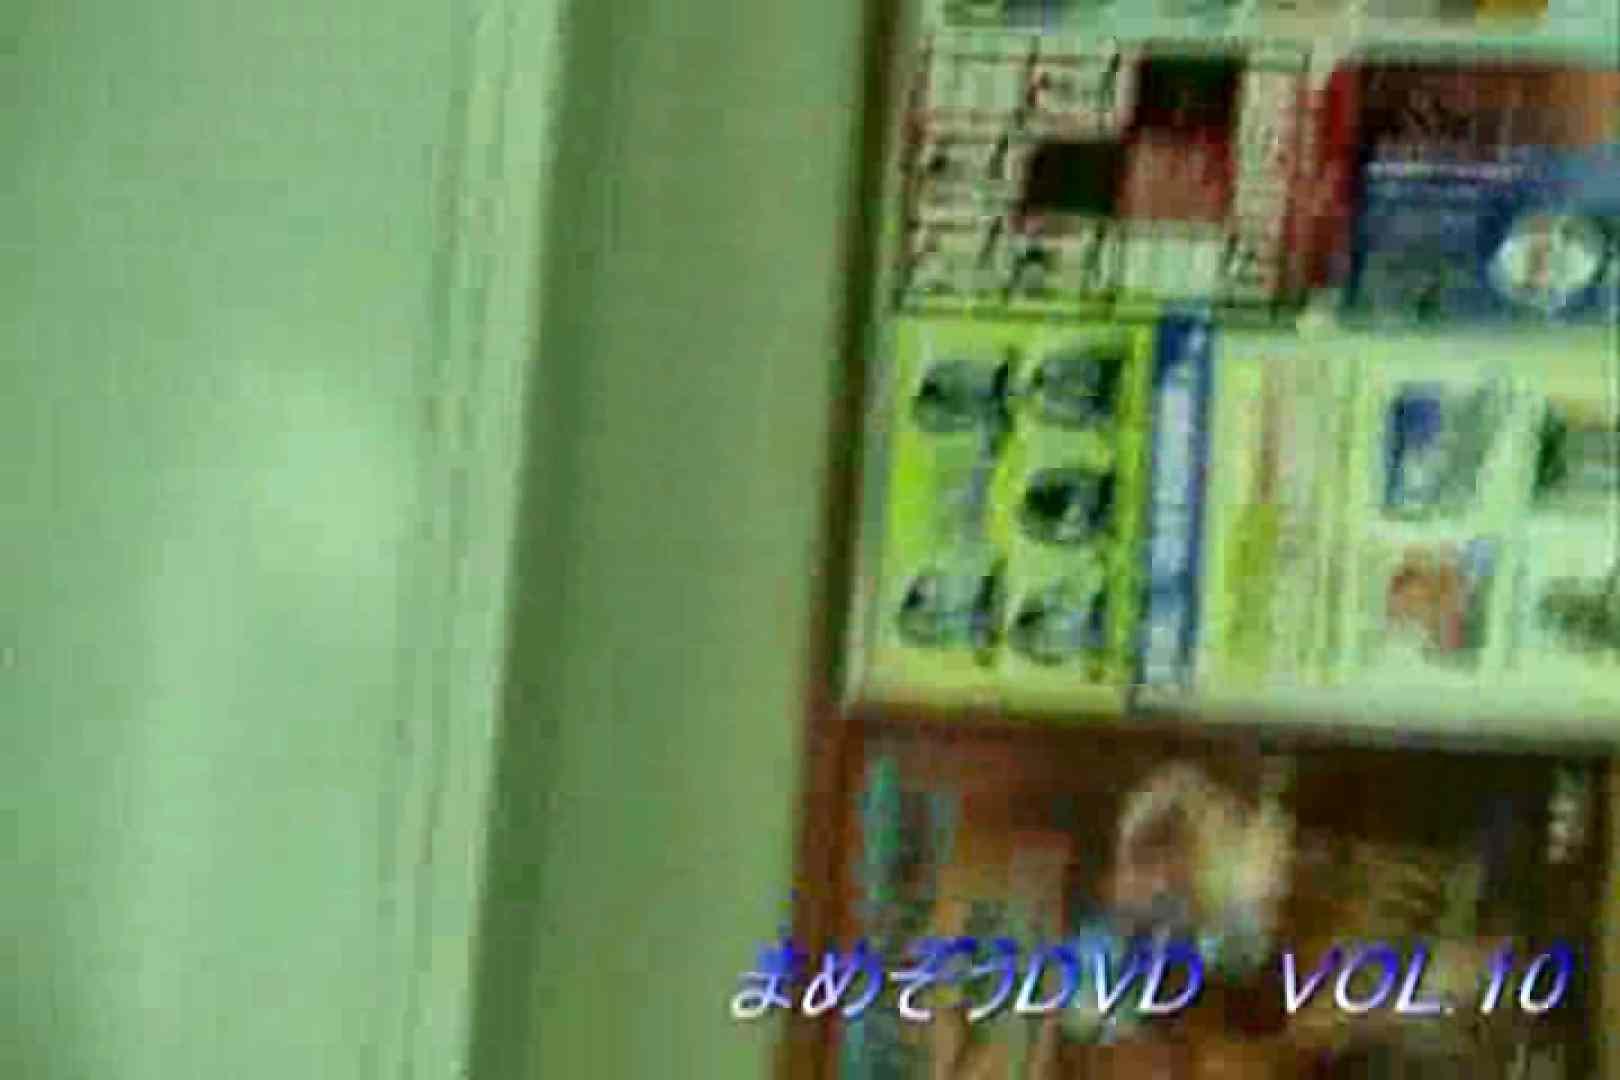 まめぞうDVD完全版VOL.10 ギャル  64pic 6